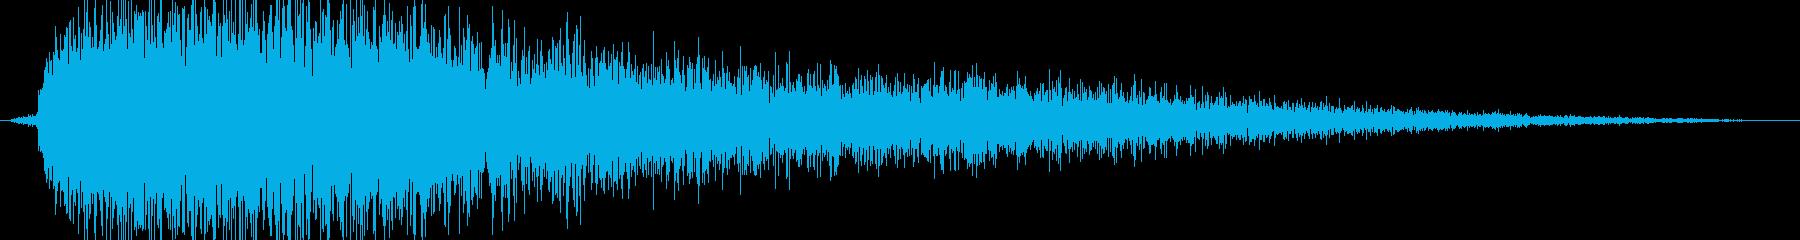 シュー(金属系効果音)の再生済みの波形